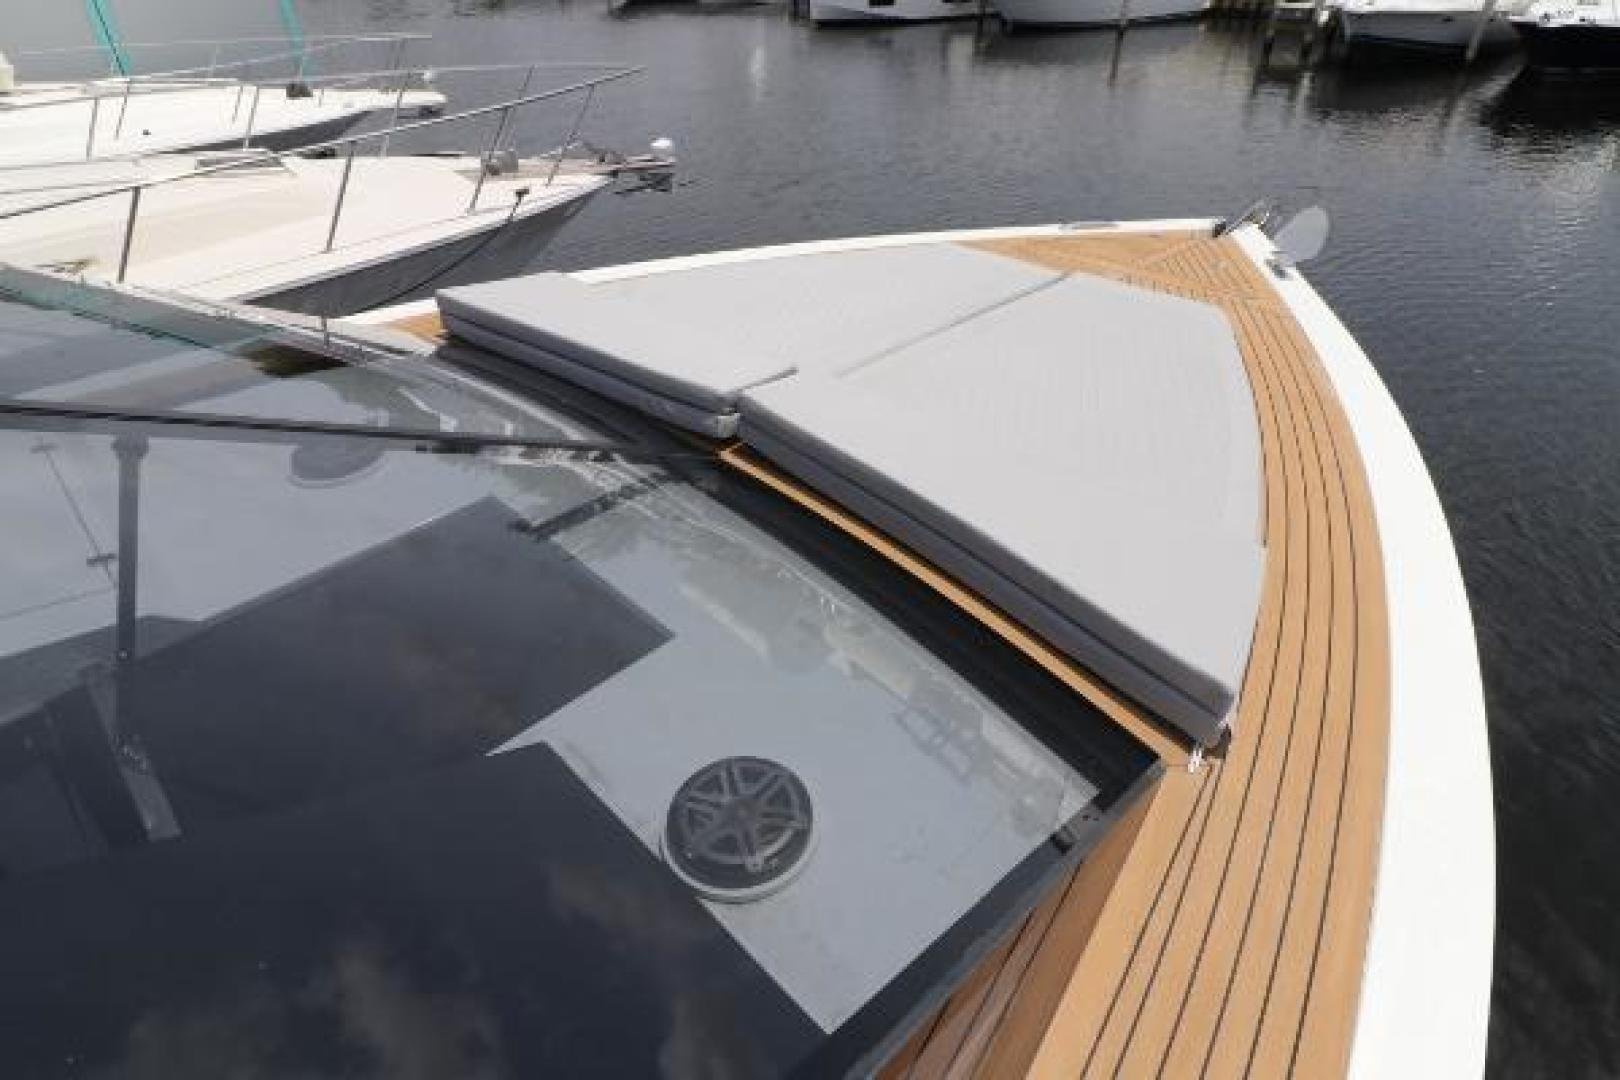 De Antonio-D46 Open 2020-De Antonio Yachts D46 Open Fort Lauderdale-Florida-United States-1523061 | Thumbnail